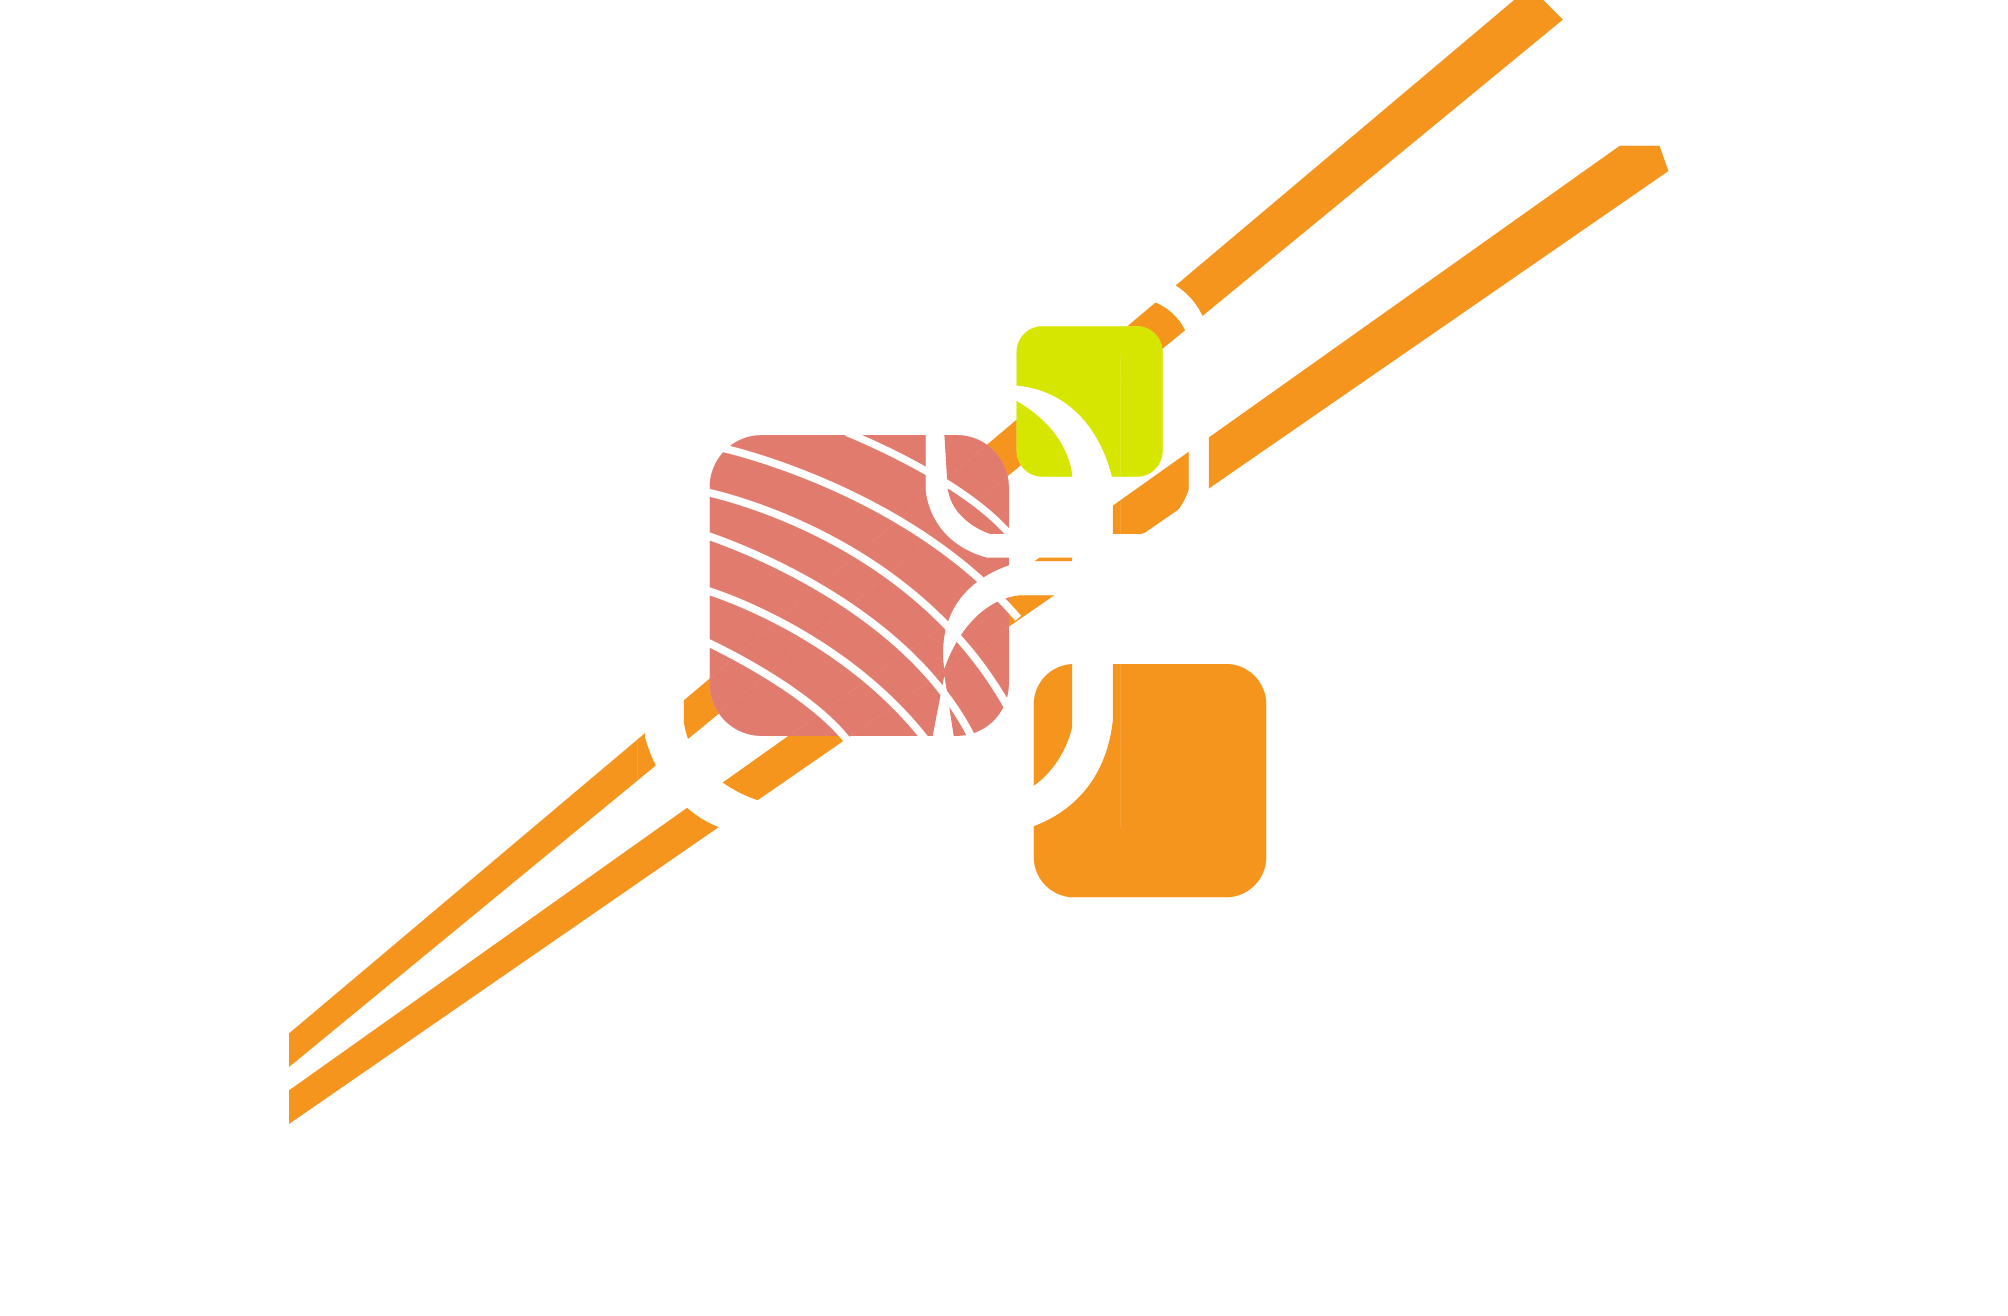 SushiGada